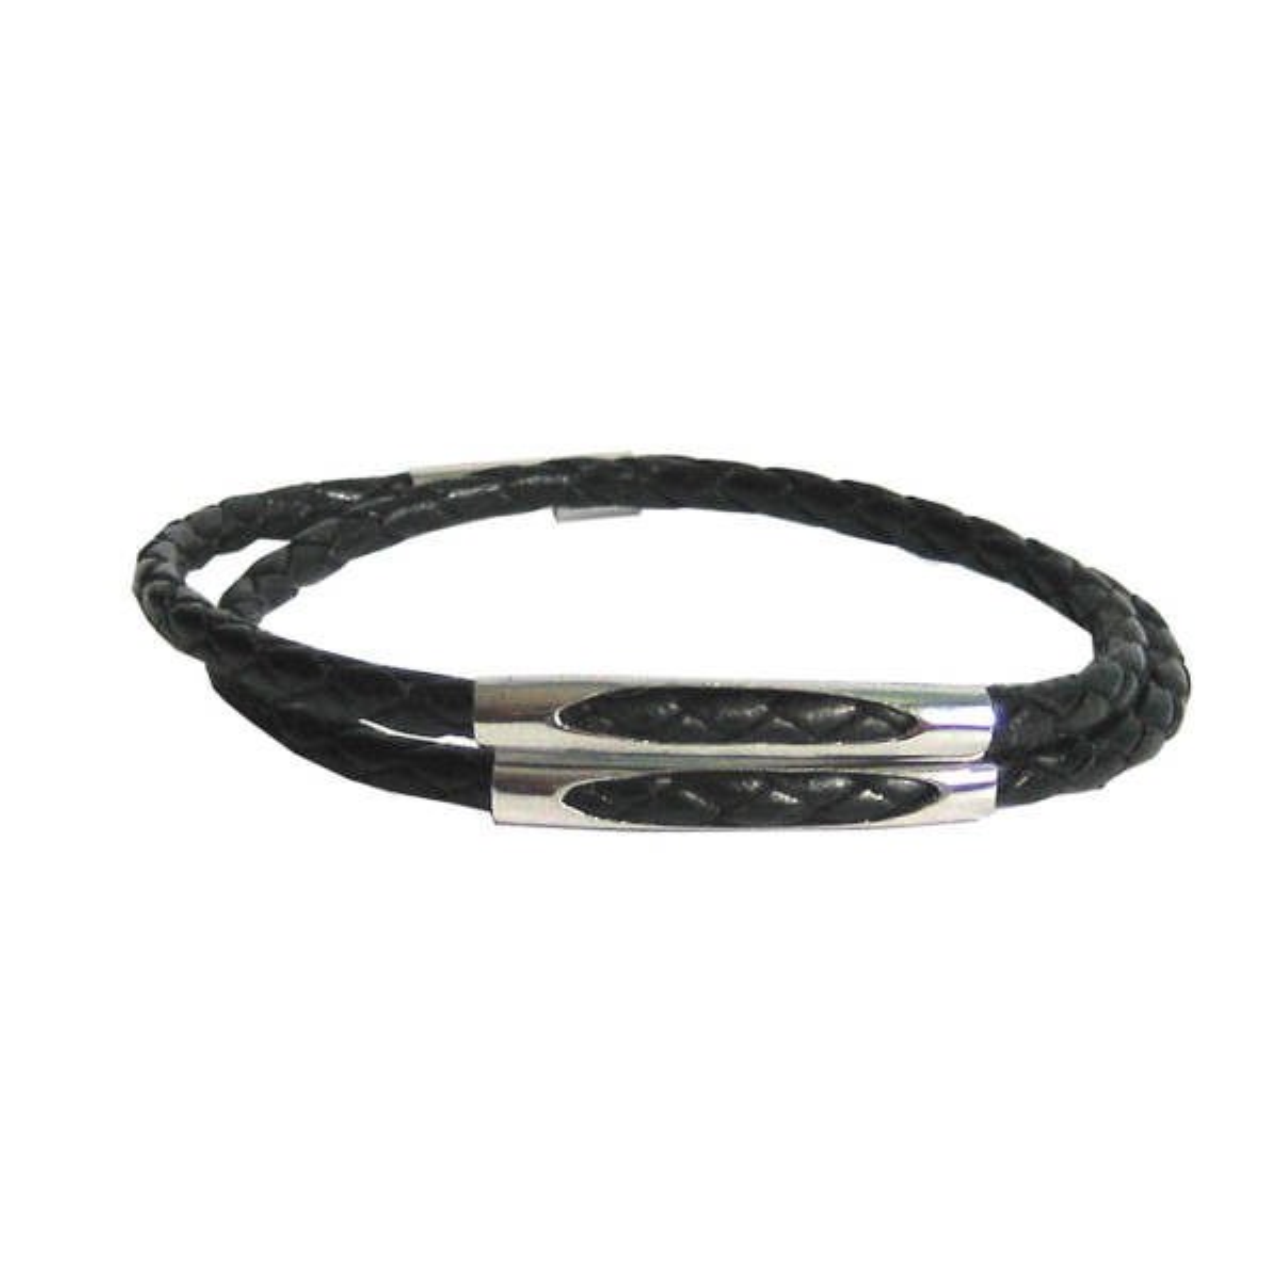 دستبند چرم طبیعی دانوب مدل شبگرد کد 001